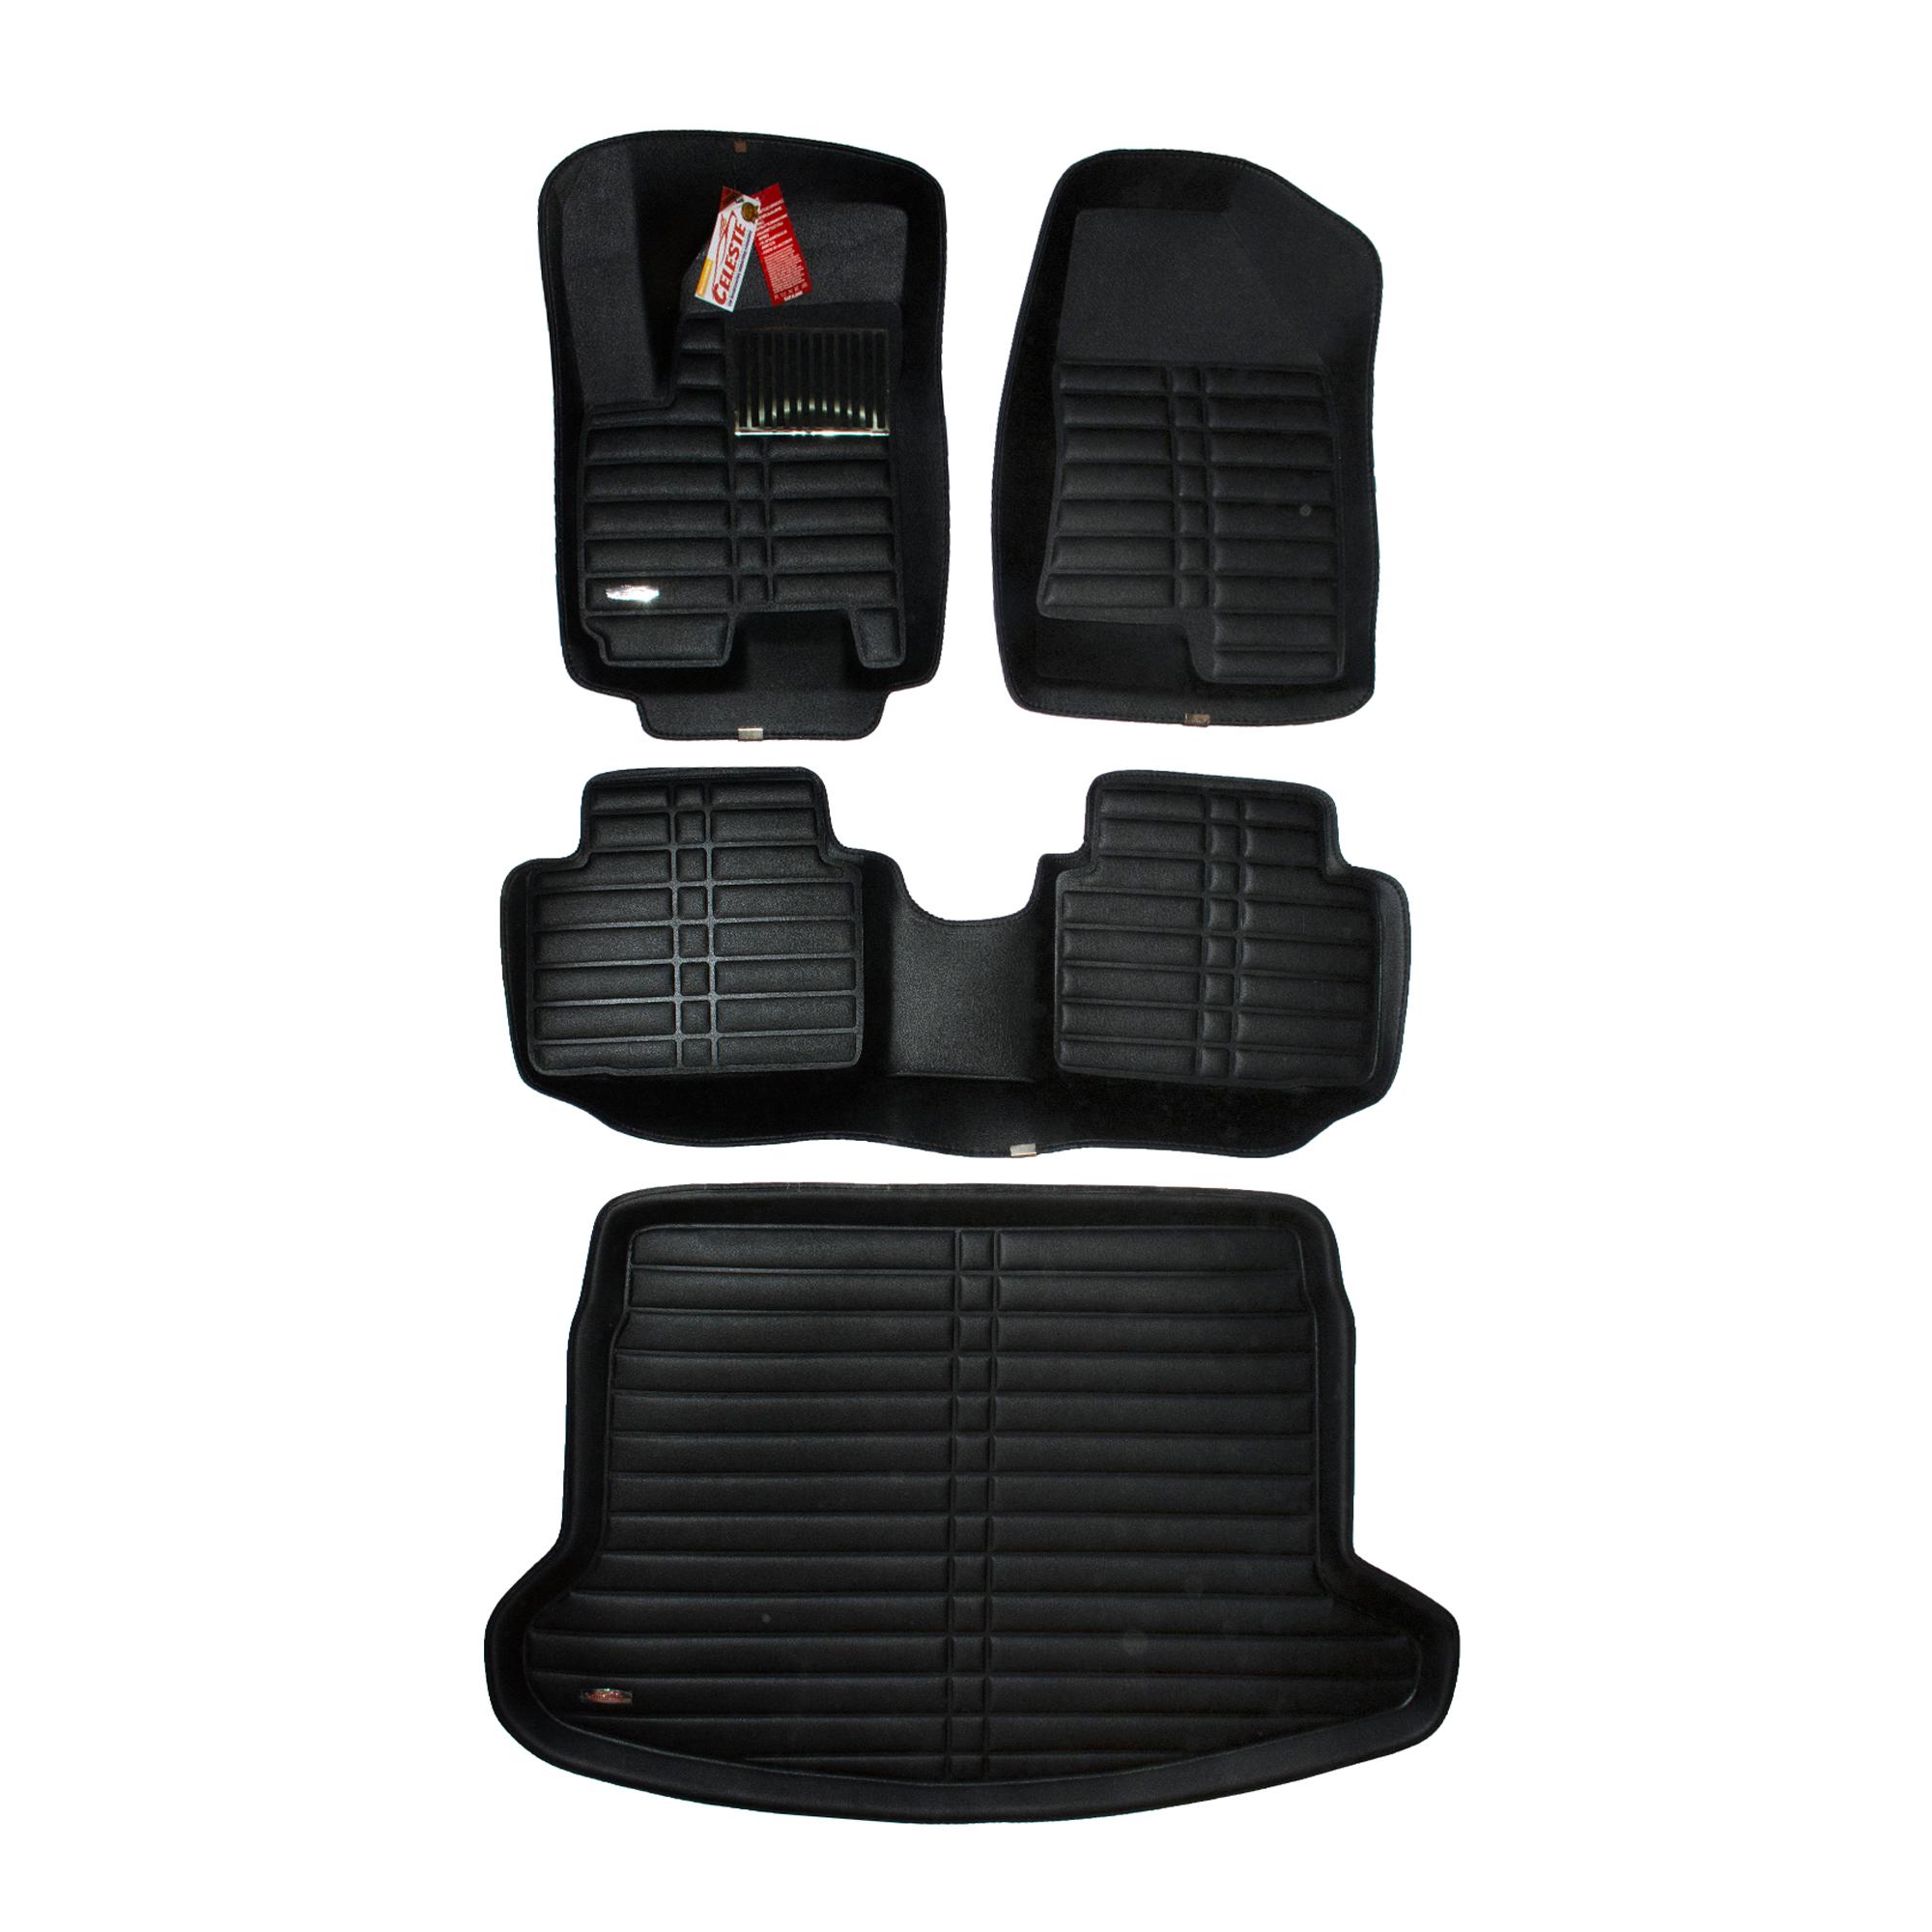 کفپوش سه بعدی خودرو سلست کد 3002 مناسب برای هایما S5 به همراه کفپوش صندوق